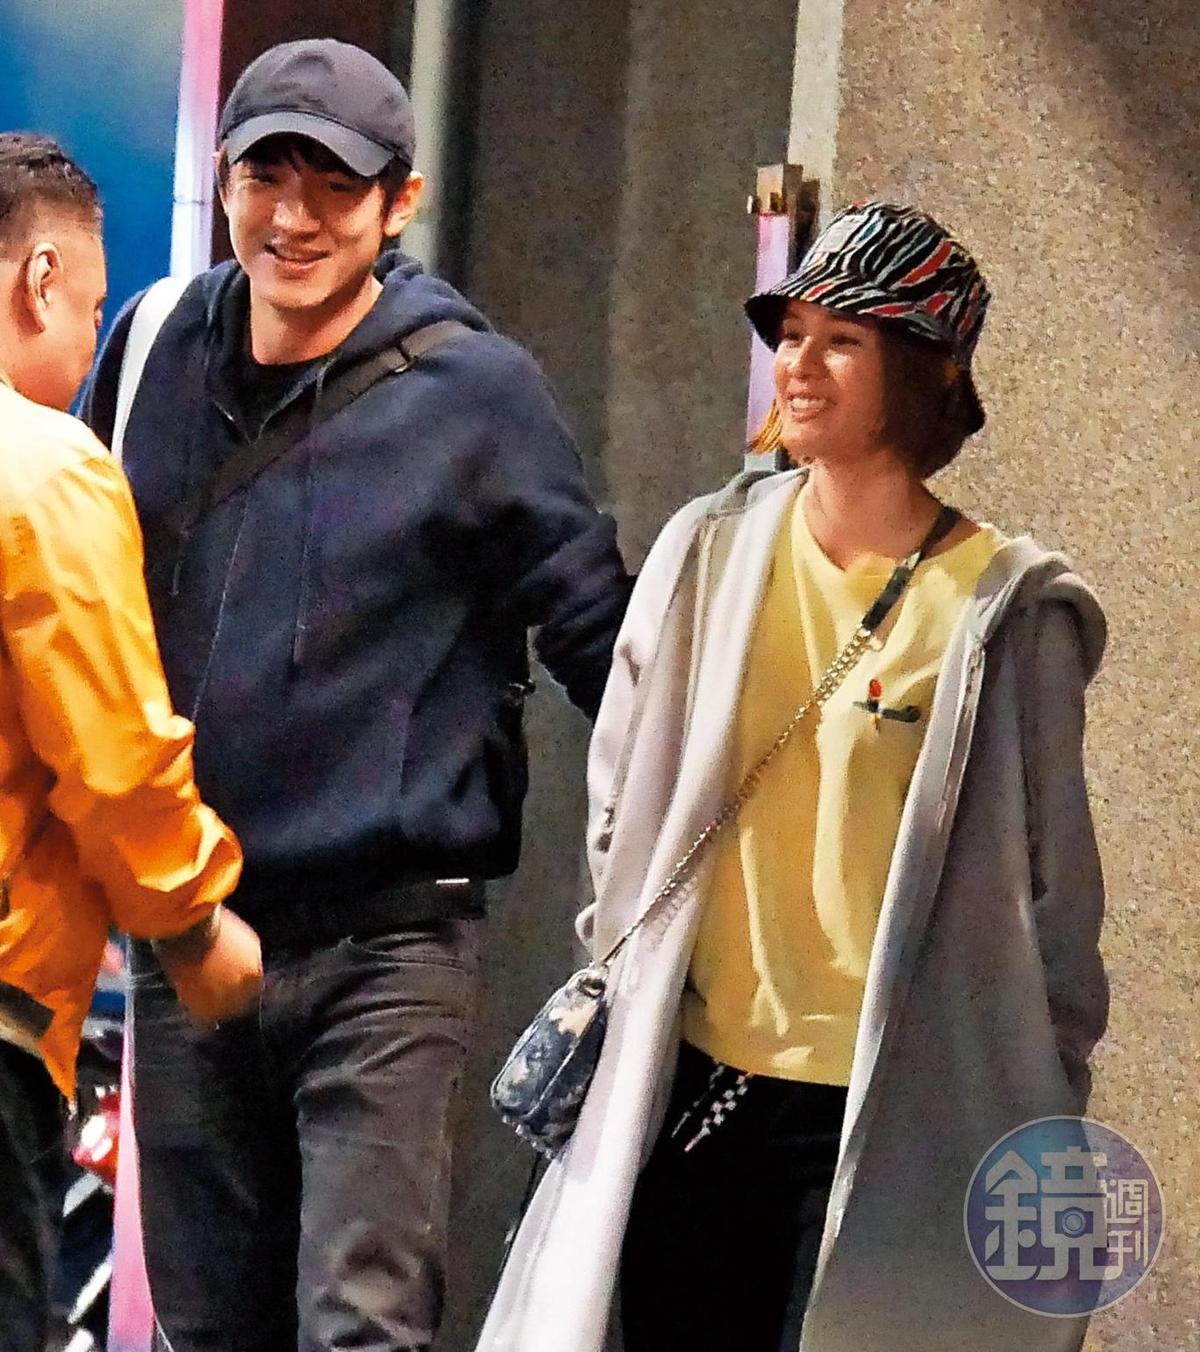 12月27日04:21,林更新一群人準備離去,他和女友還先行離開準備去買東西。